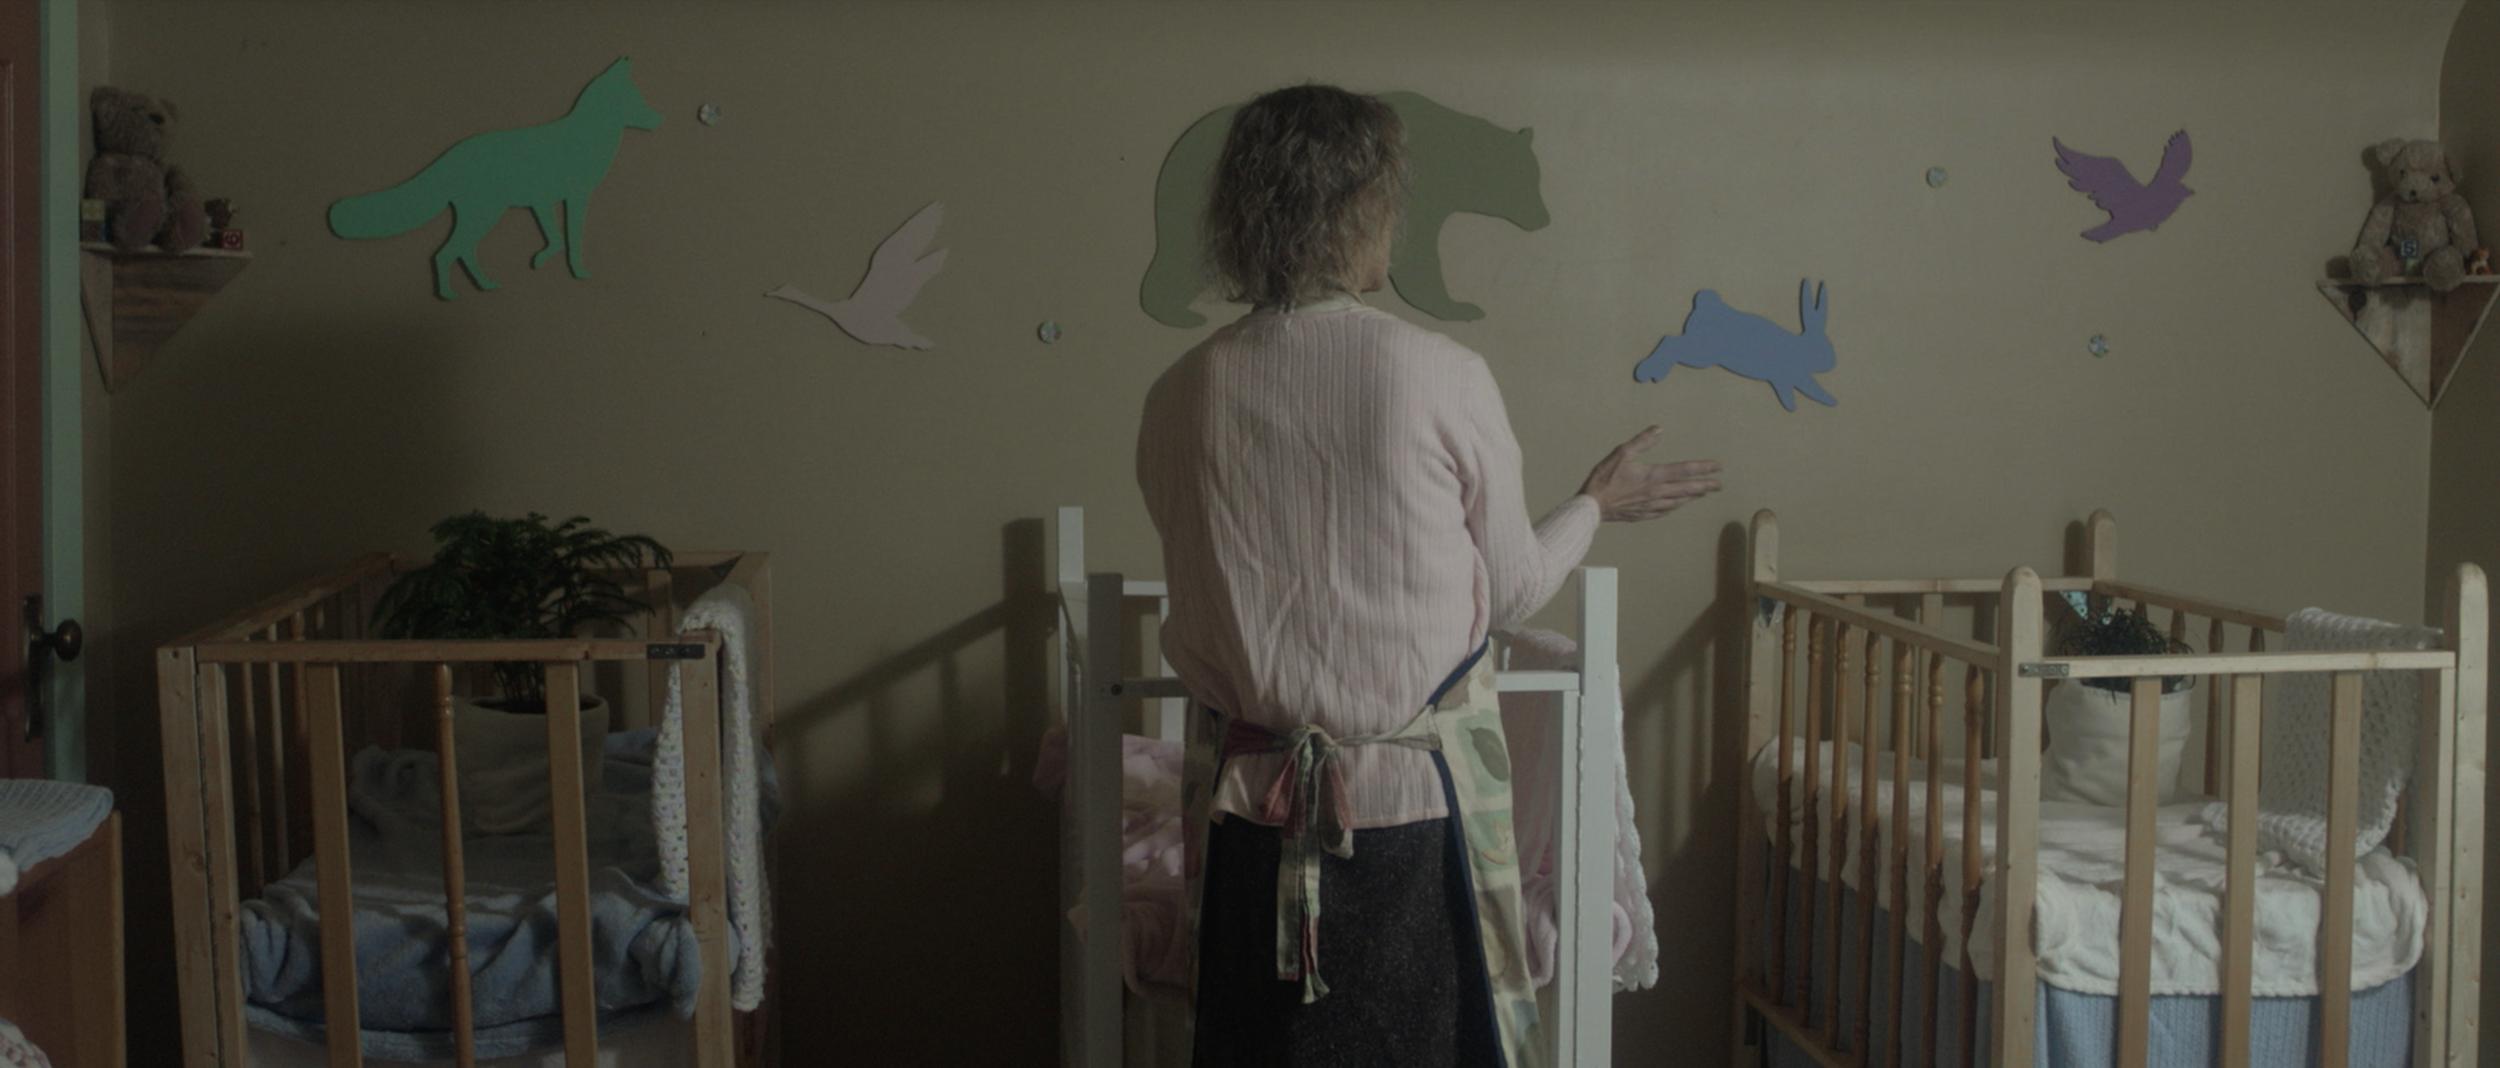 Seeds - Hope Hatch - Short Film (Upcoming)Composer